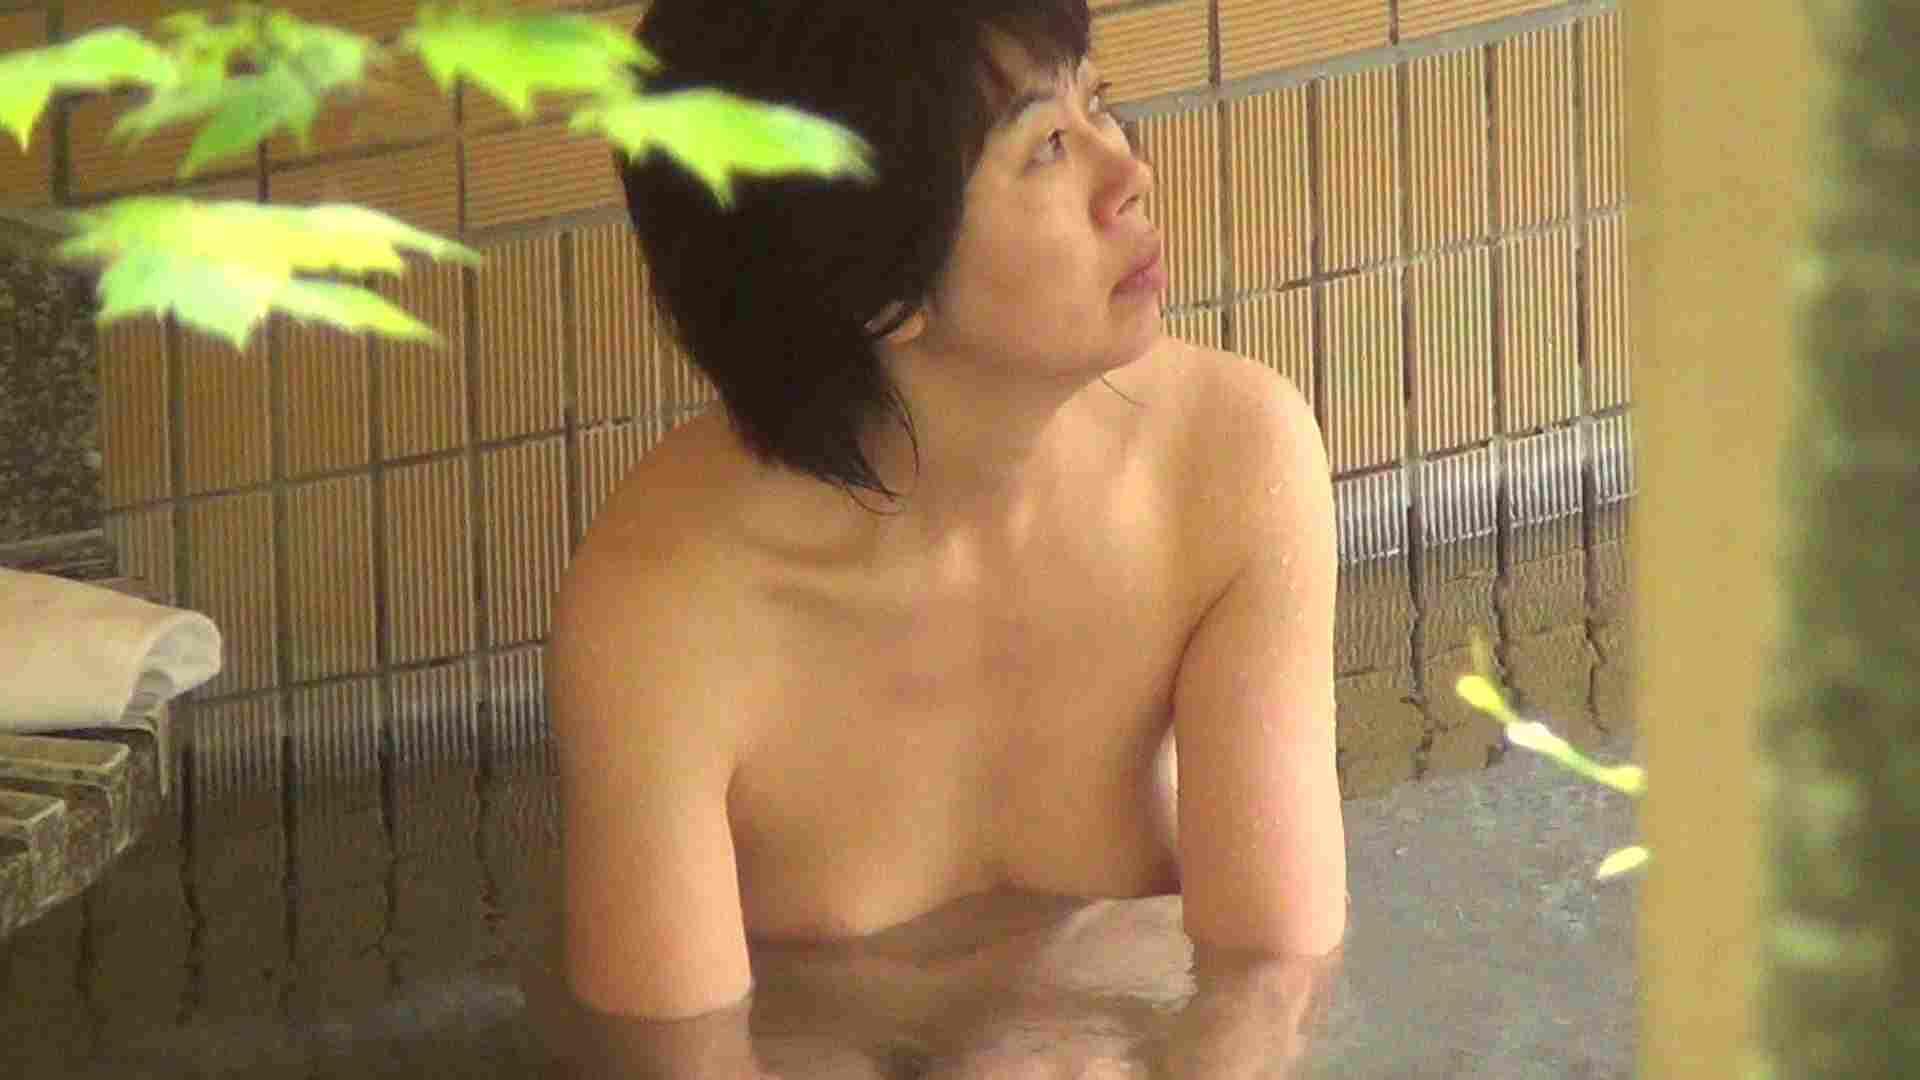 Aquaな露天風呂Vol.247 盗撮  106画像 48